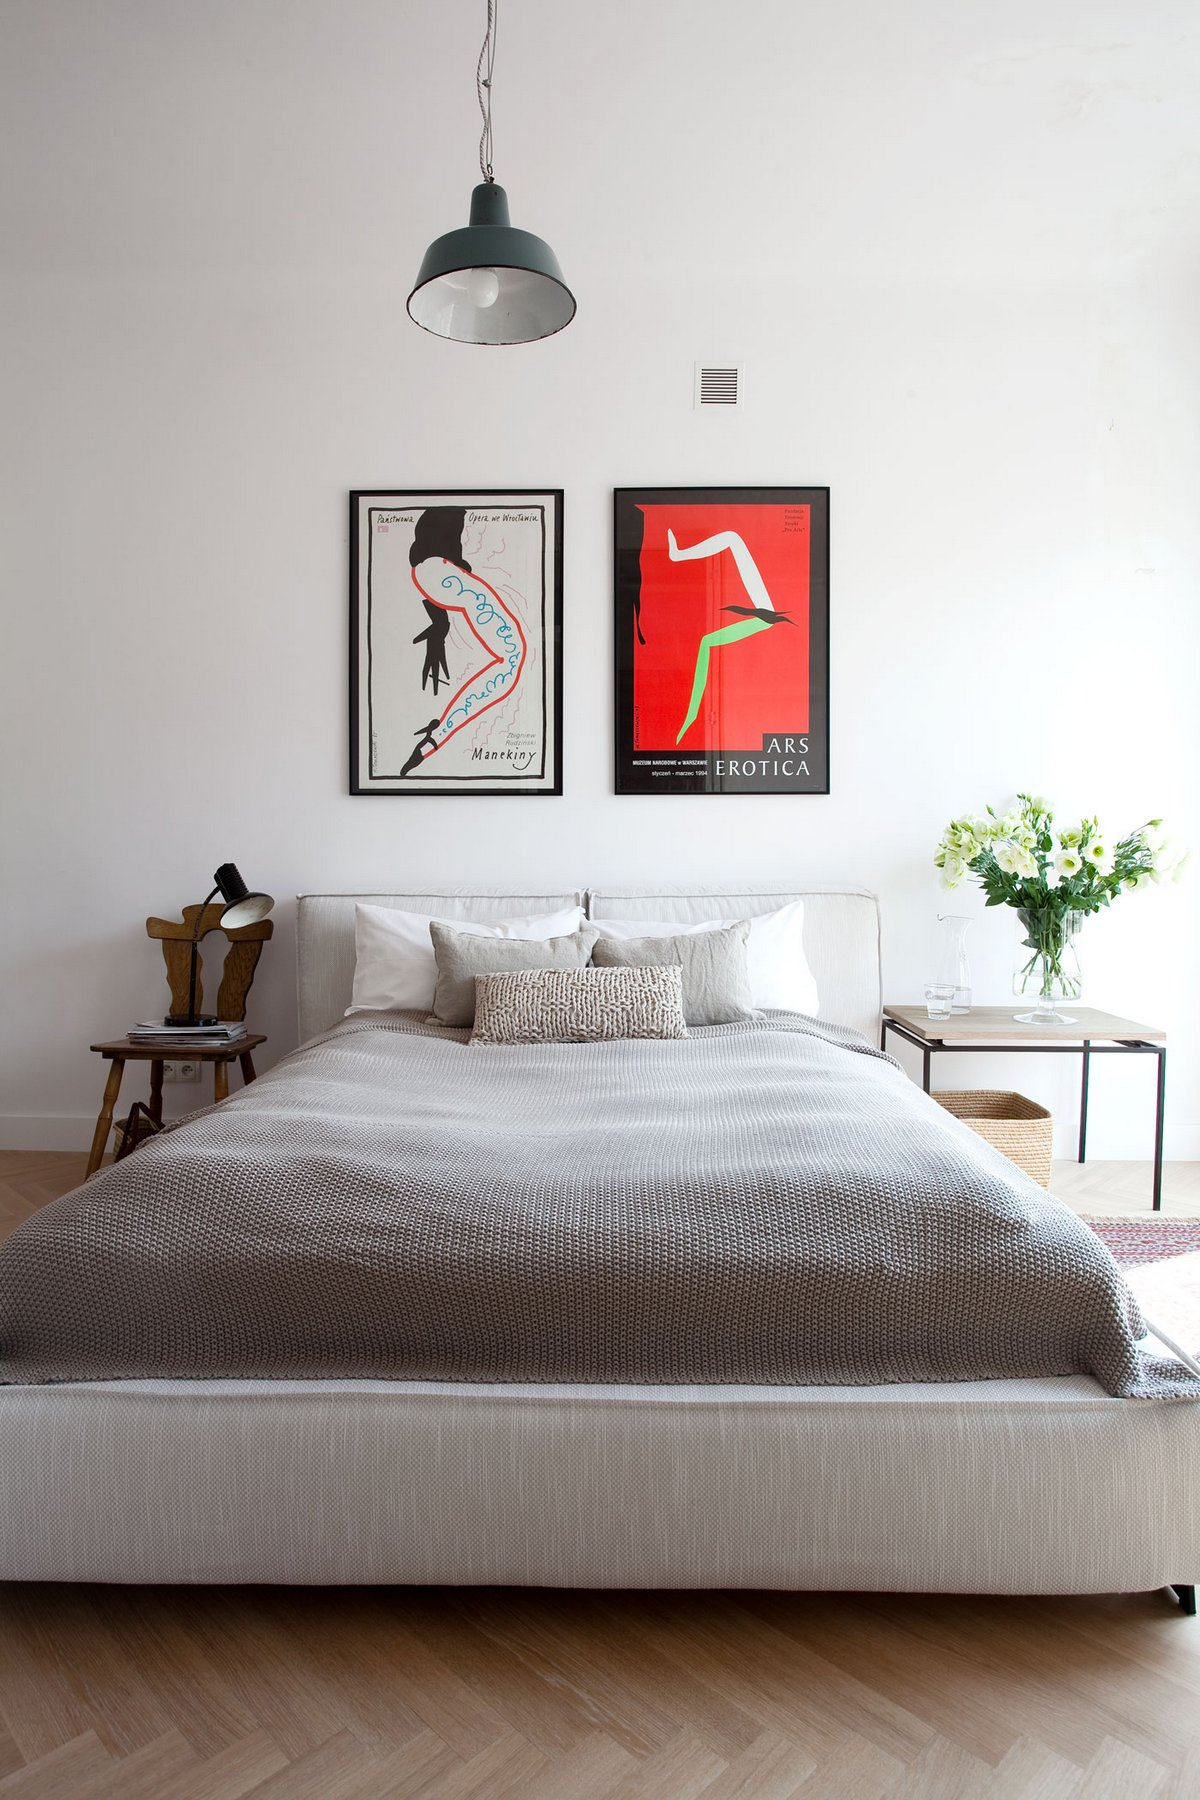 просмотра постер минимализм фото сервиса